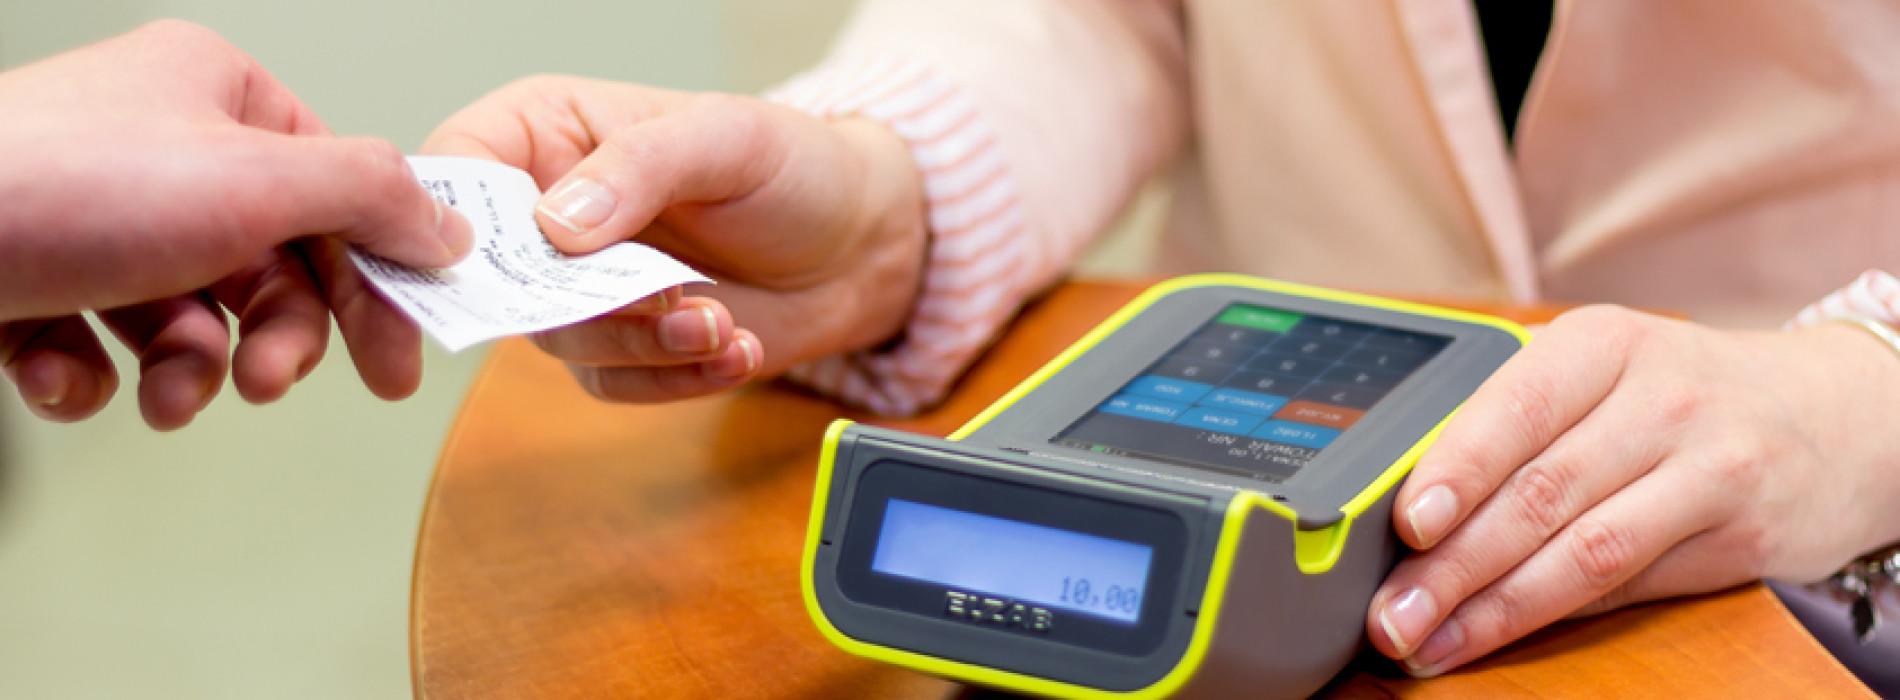 Obowiązkowe kasy fiskalne – jakie urządzenie wybrać i do kiedy je zainstalować?